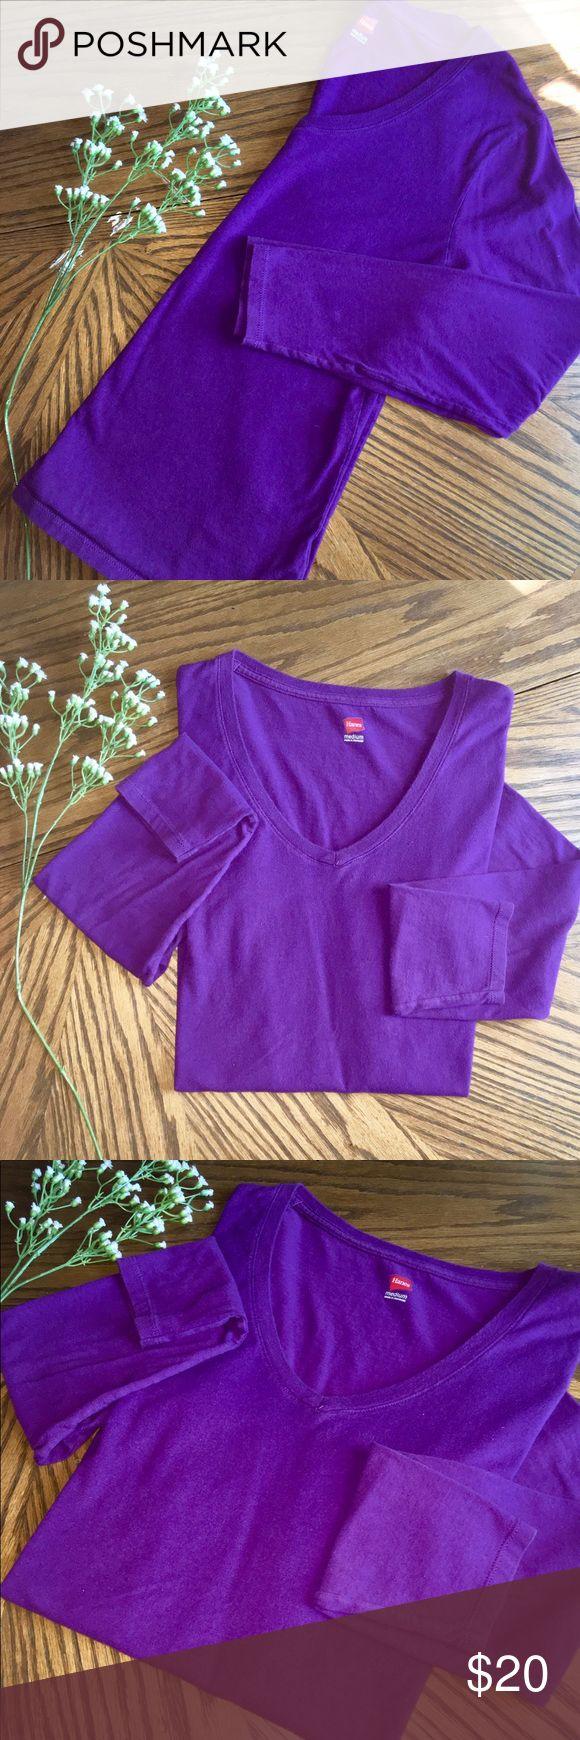 💜100% Cotton Purple Long Sleeve V-Neck Tee 💜100% Cotton Purple Long Sleeve V-Neck Tee • Super Soft 💜 EXCELLENT CONDITION 💜 Hanes Tops Tees - Long Sleeve